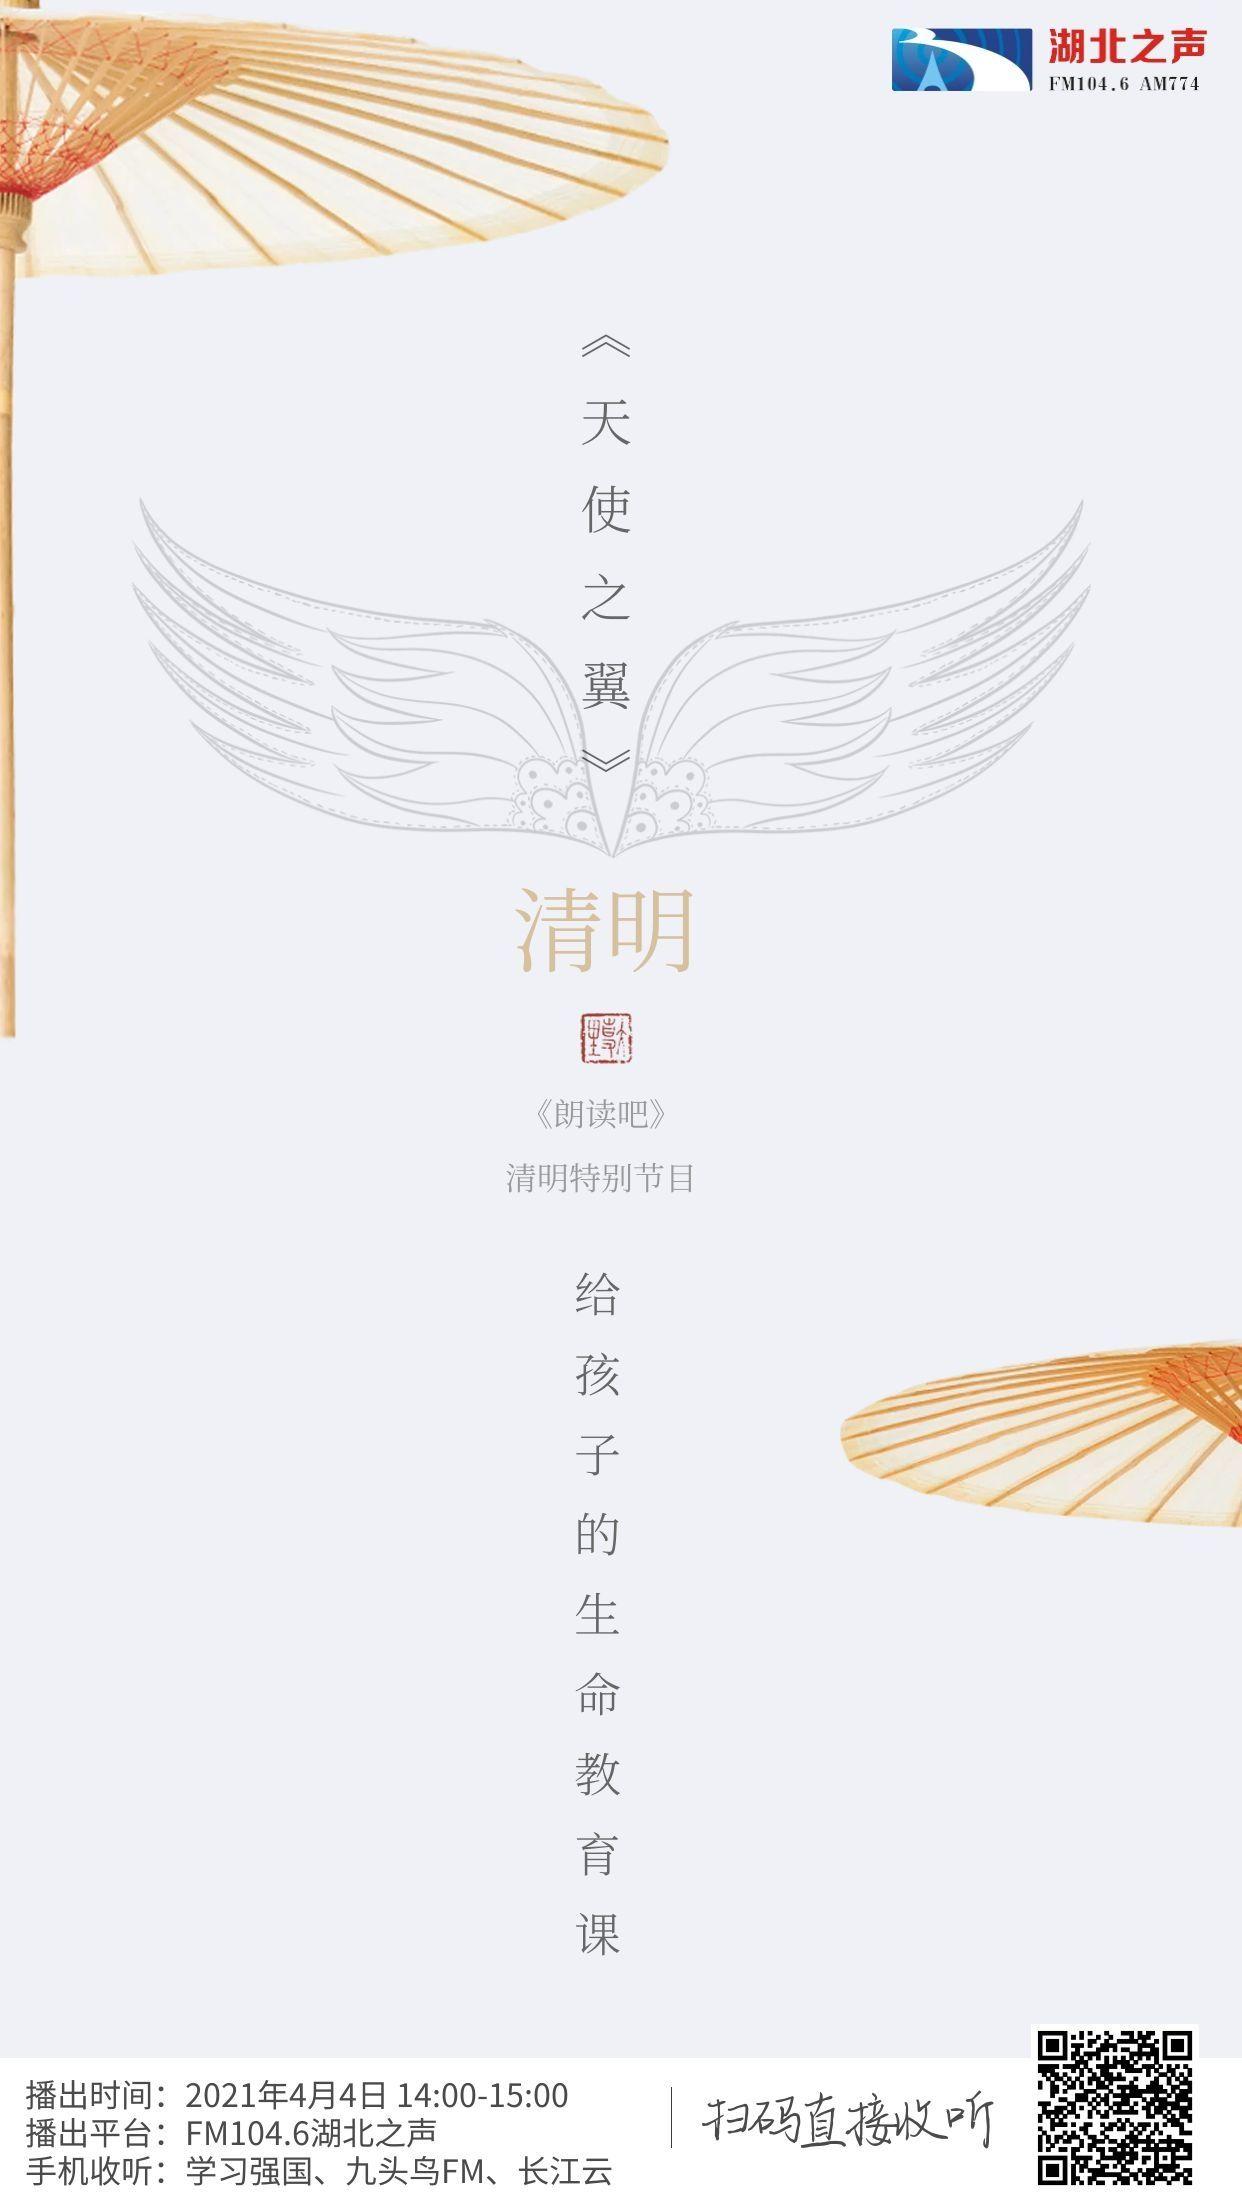 http://www.k2summit.cn/lvyouxiuxian/3376603.html